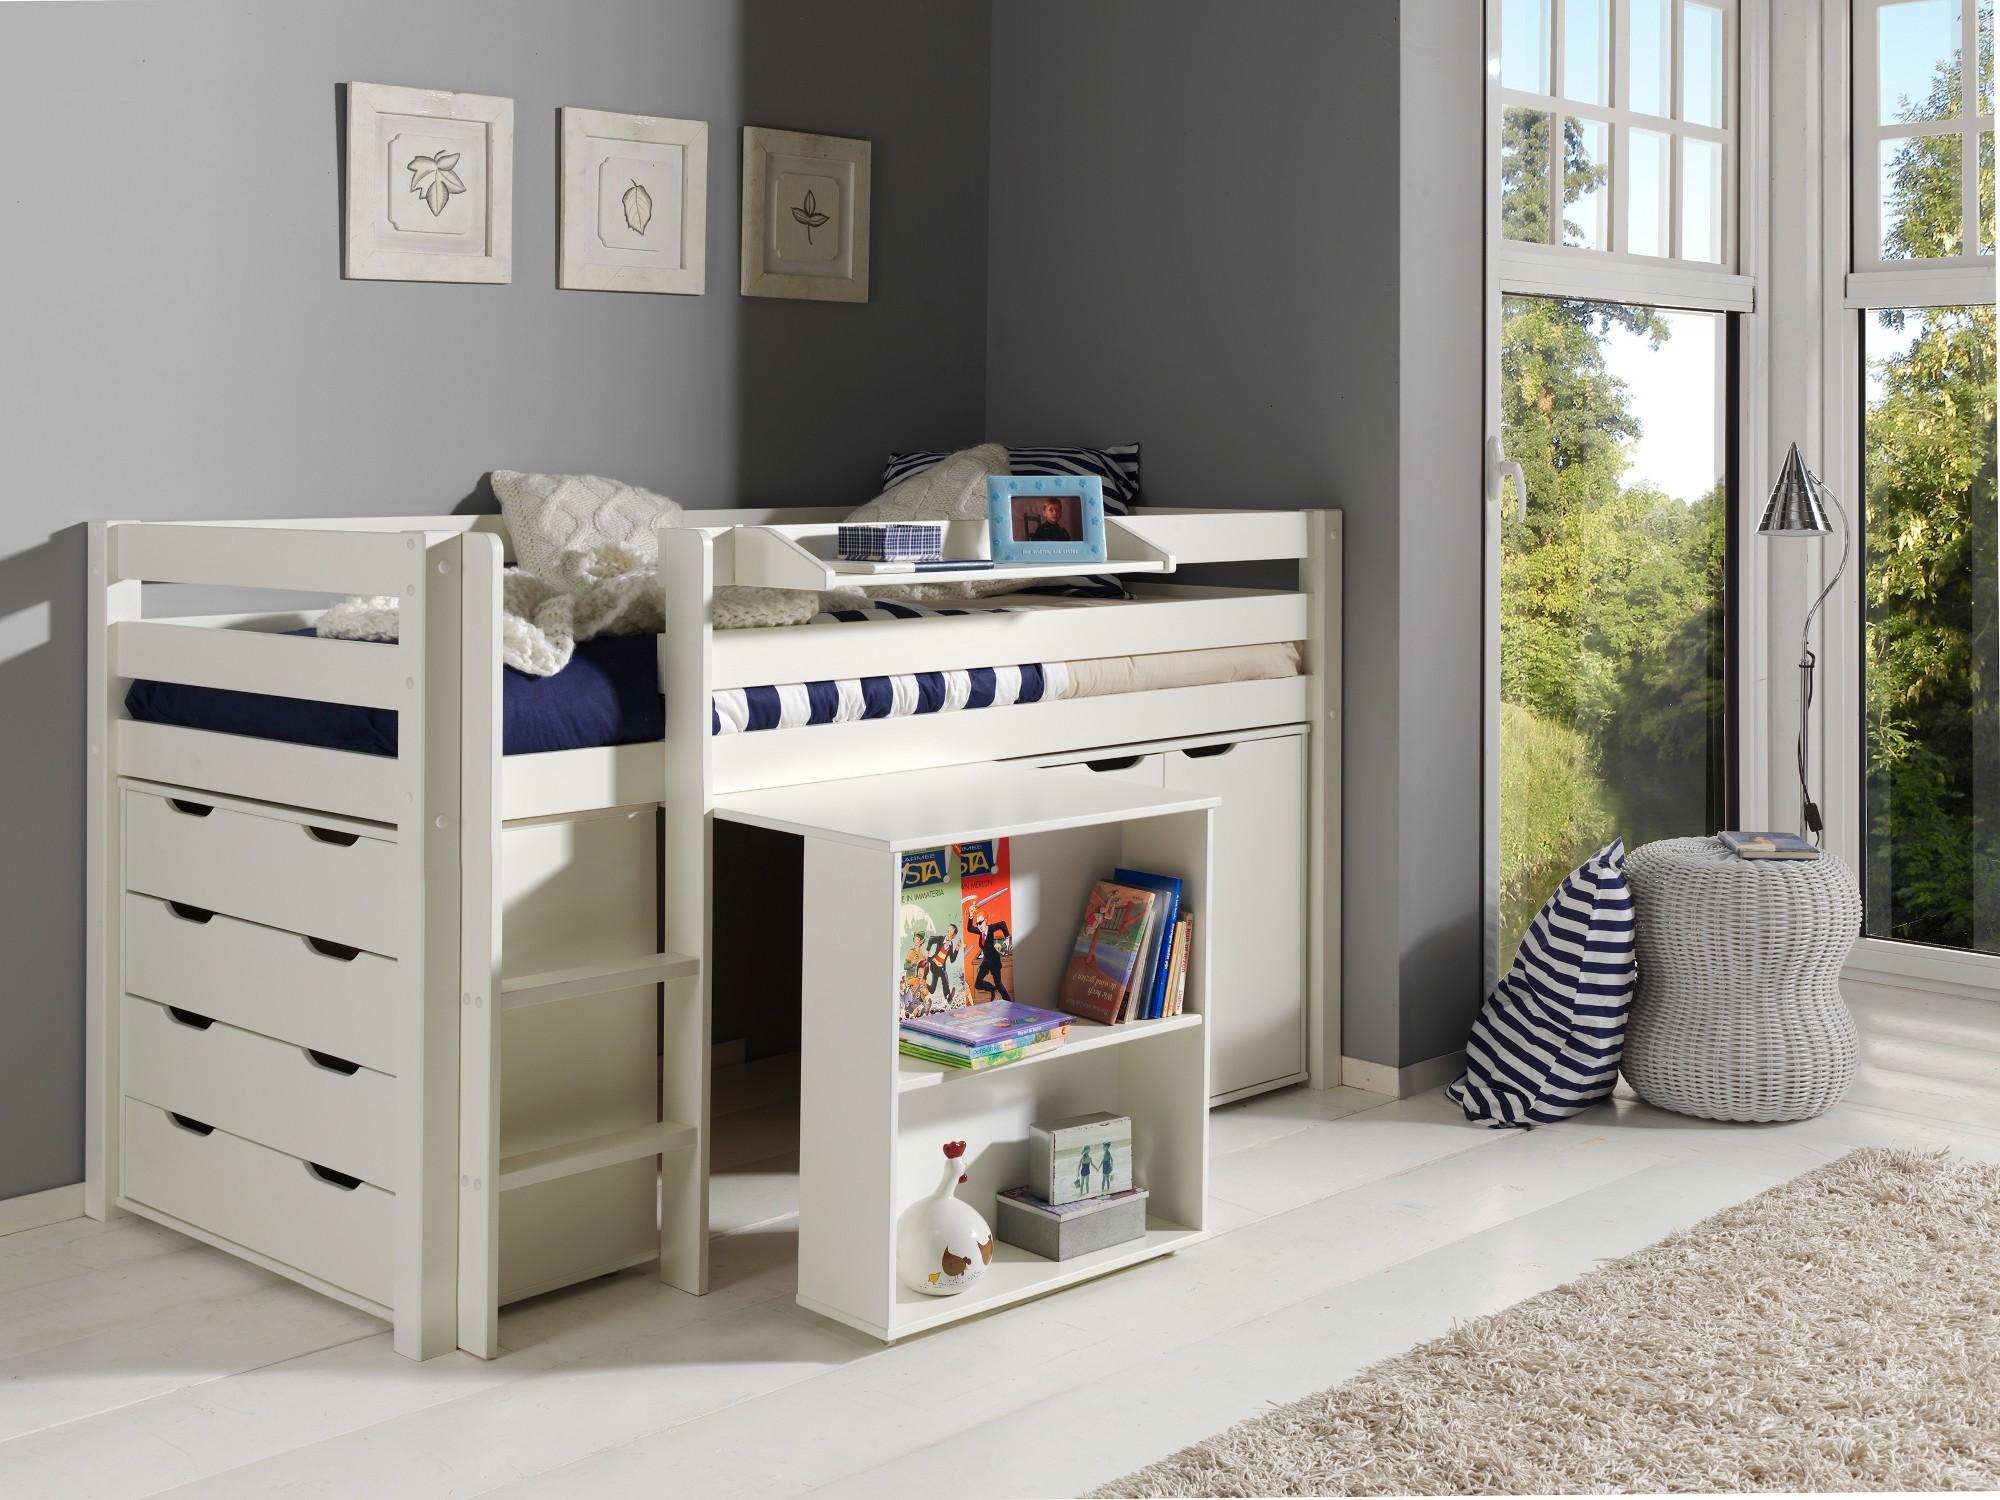 Etagenbett Mit Schreibtisch Und Kommode : Funktions hochbett pino mit schreibtisch und kommoden kiefer